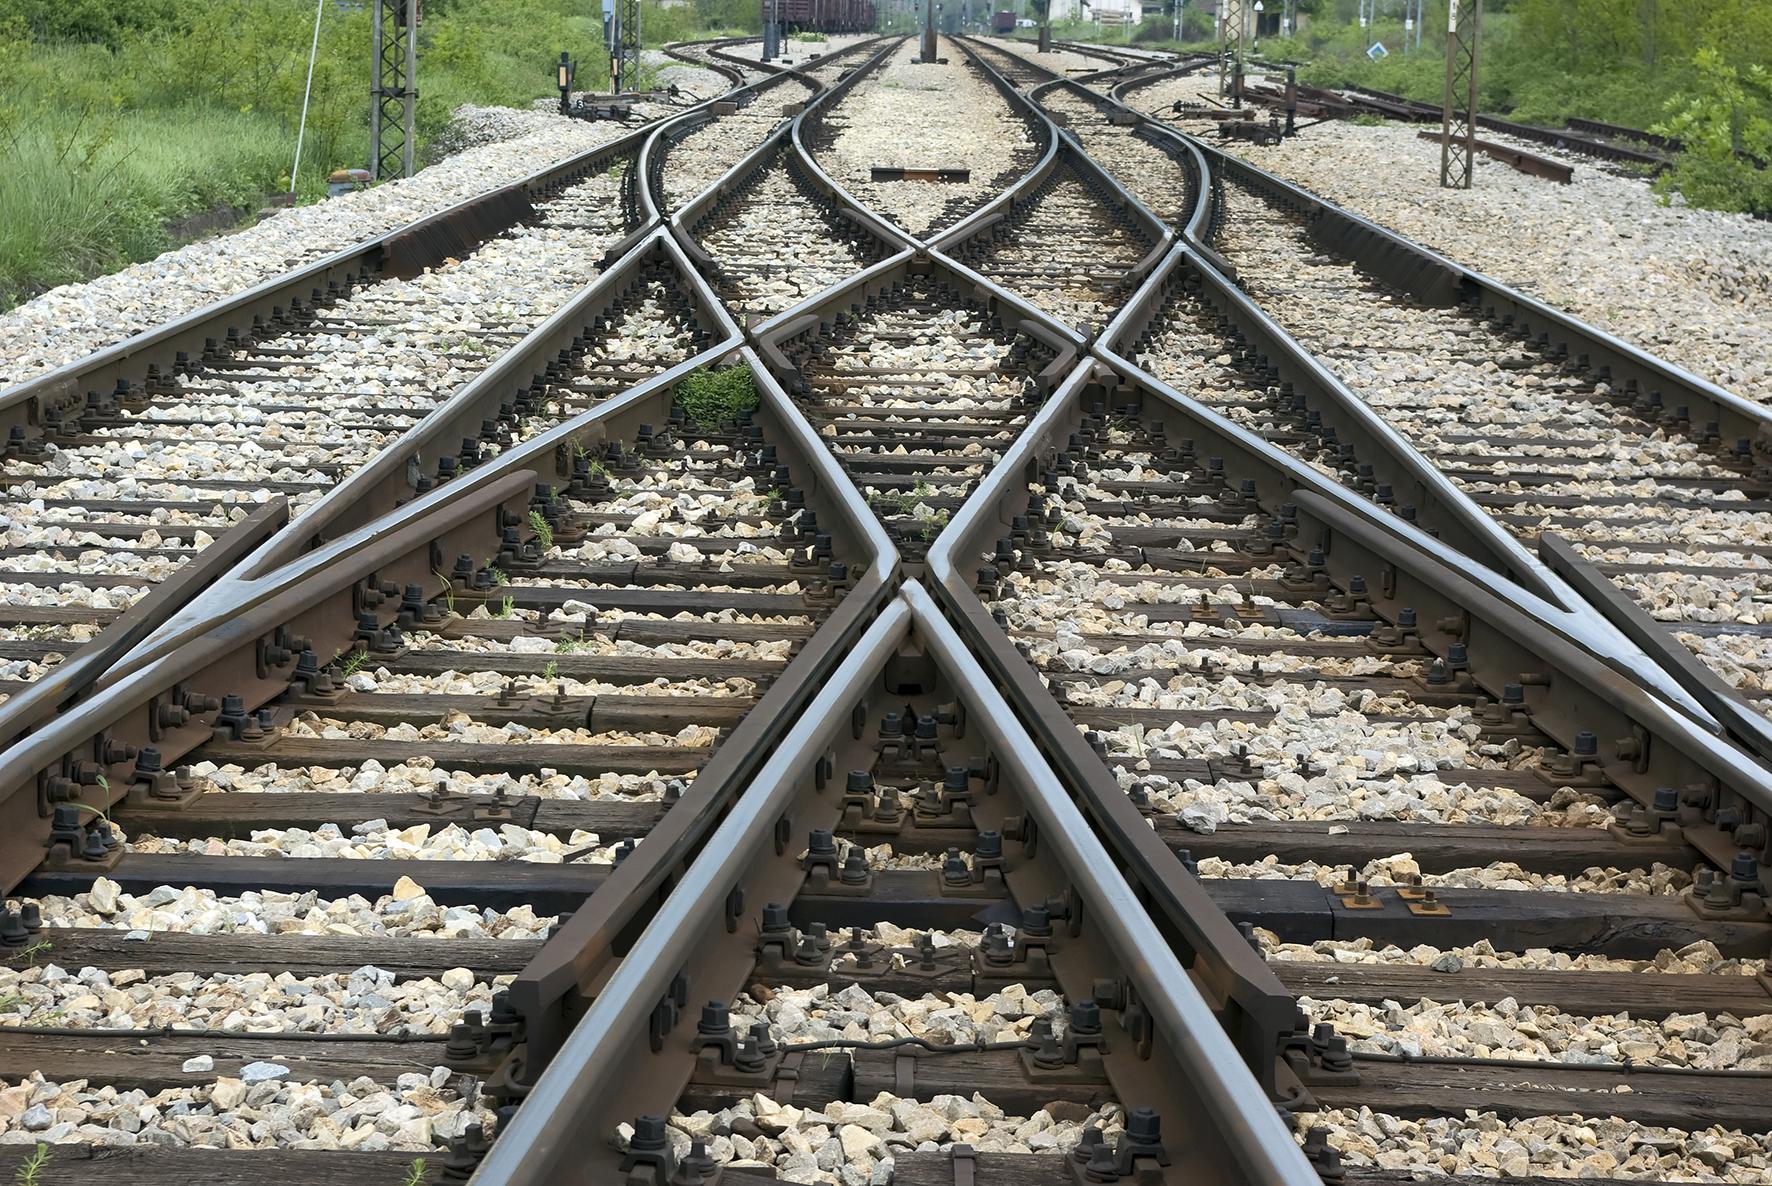 Министр транспорта надеется на слаженное принятие реформы Lietuvos gelezinkeliai в Сейме